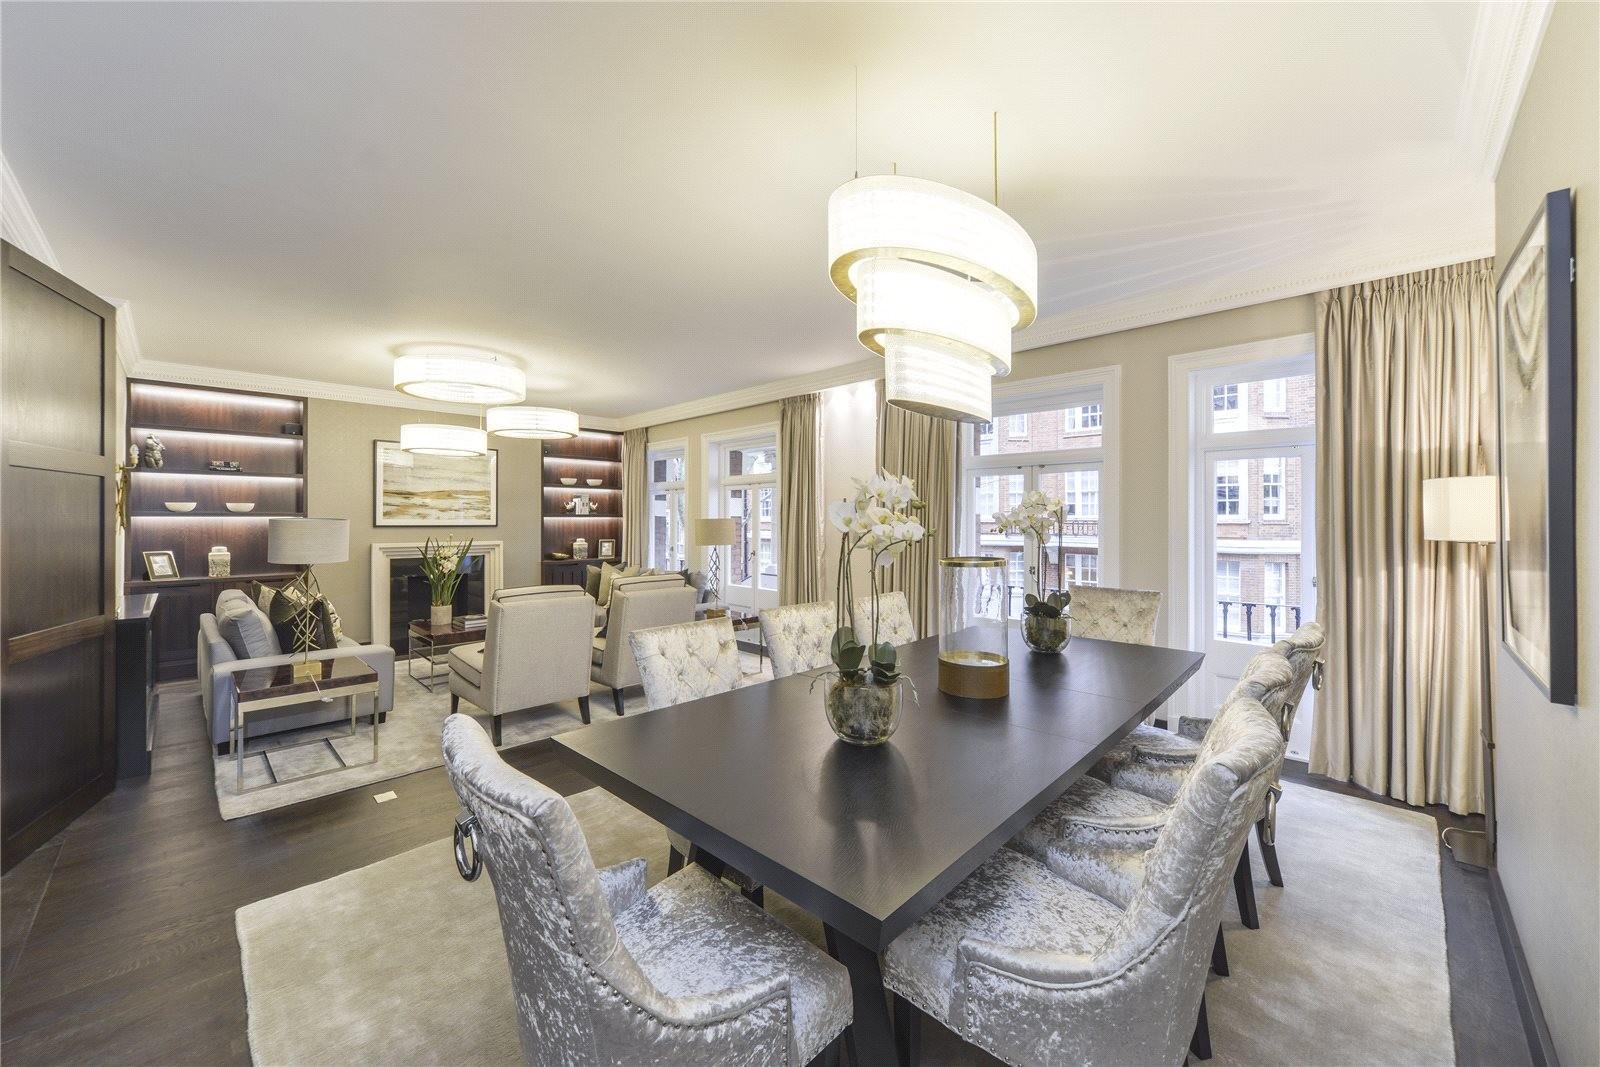 Appartements / Flats pour l à louer à Cadogan Court, Draycott Avenue, London, SW3 London, Angleterre